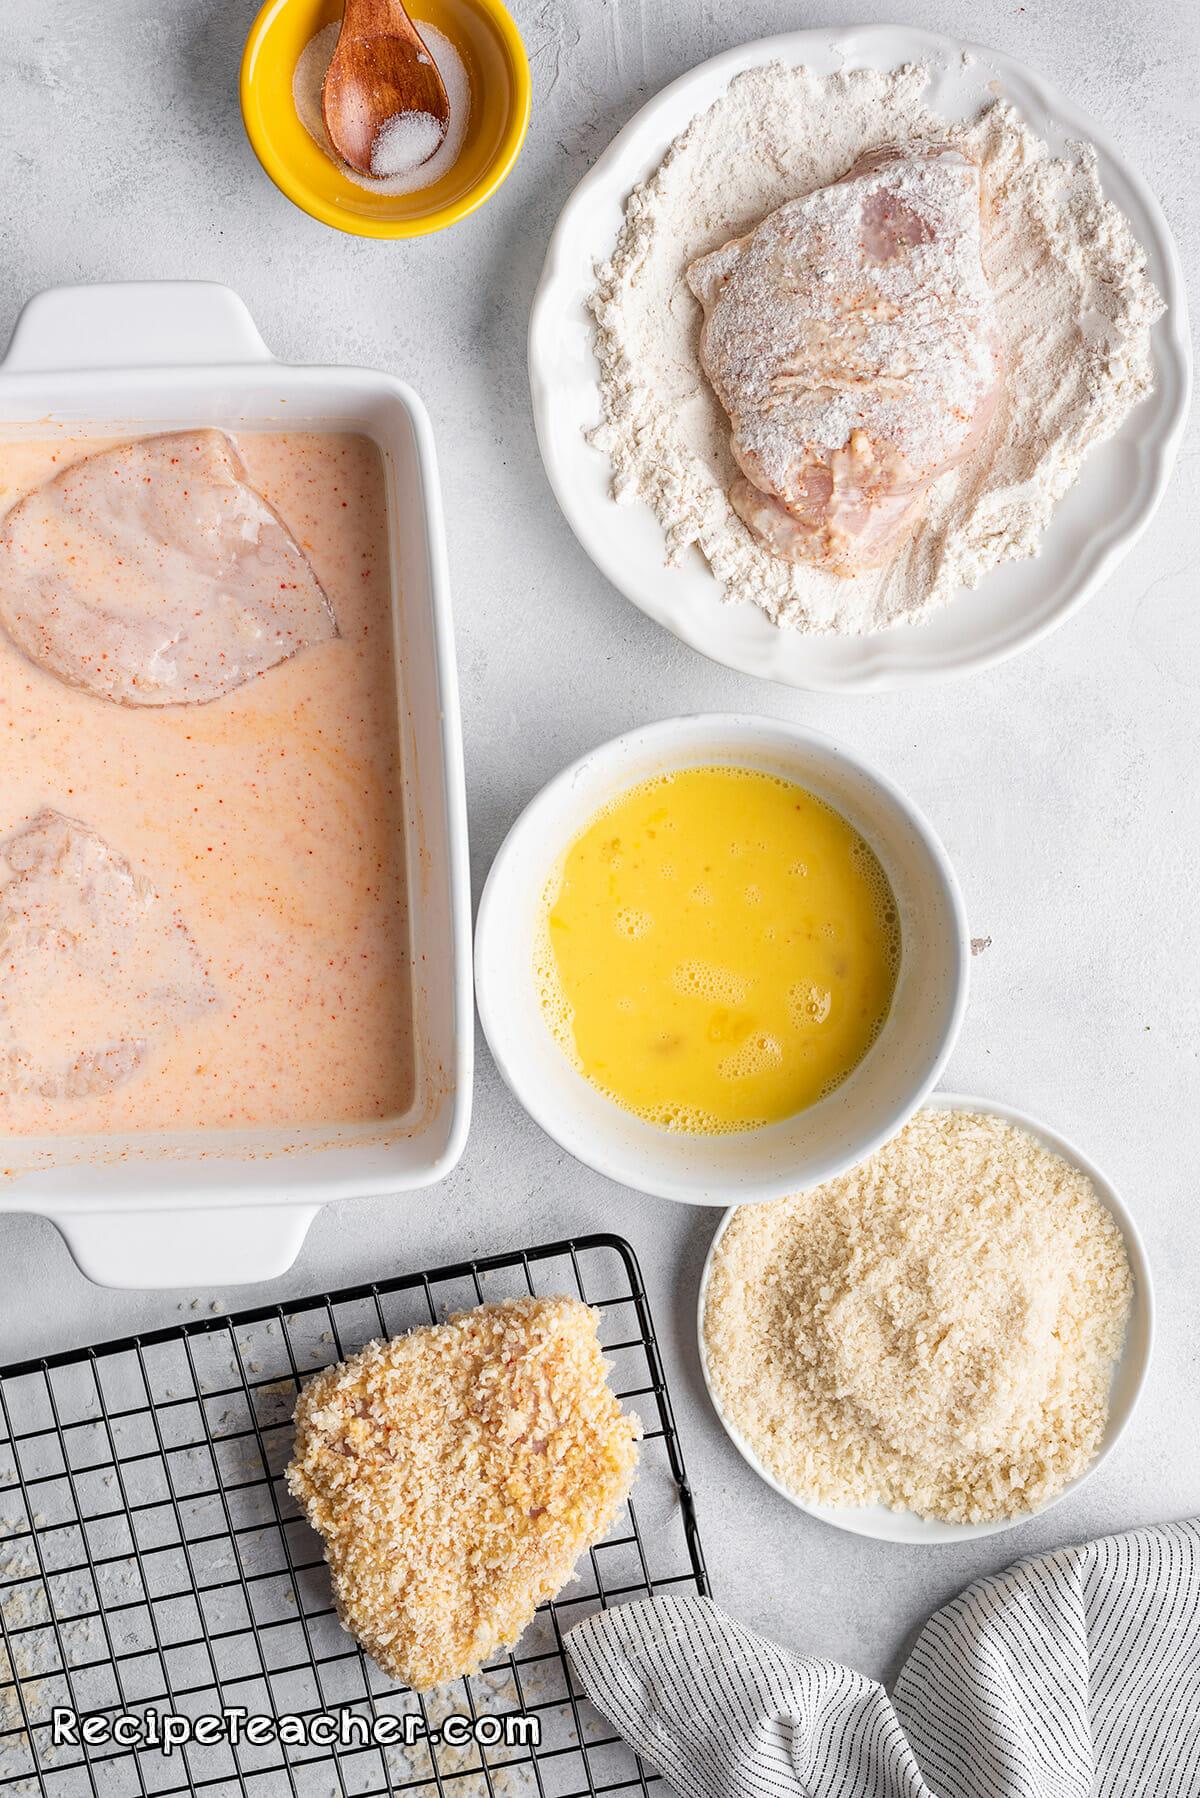 Recipe for an air fryer buttermilk chicken sandwich